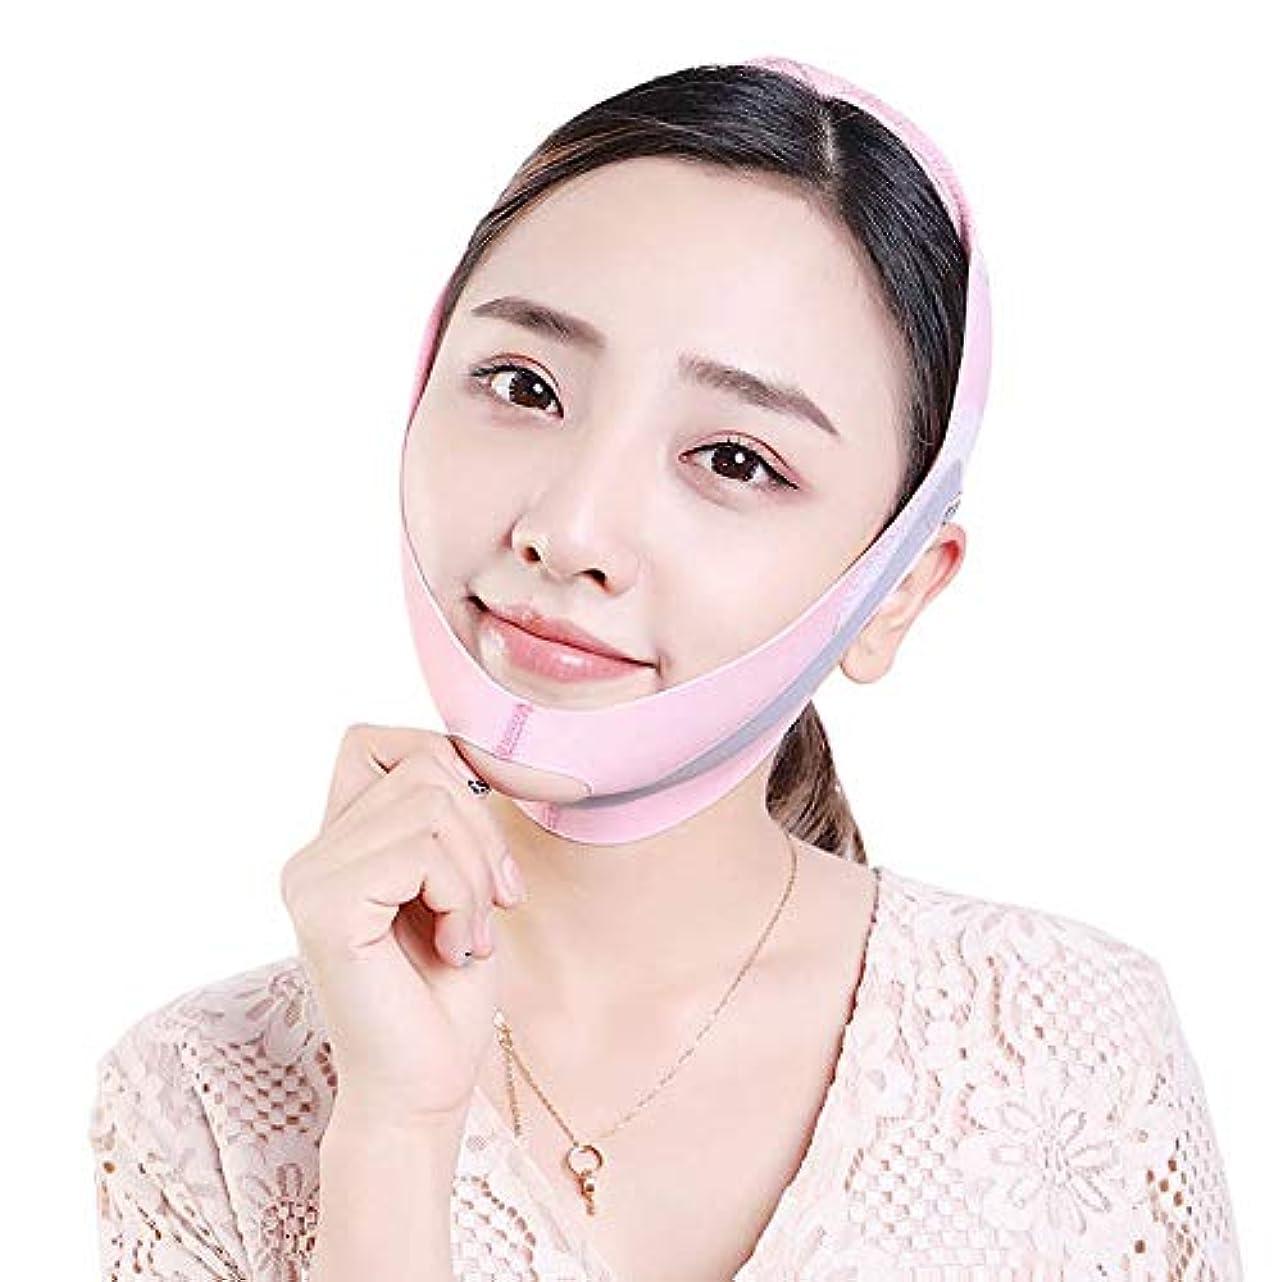 セント世辞通り抜けるMinmin たるみを防ぐために顔を持ち上げるために筋肉を引き締めるために二重あごのステッカーとラインを削除するために、顔を持ち上げるアーティファクト包帯があります - ピンク みんみんVラインフェイスマスク